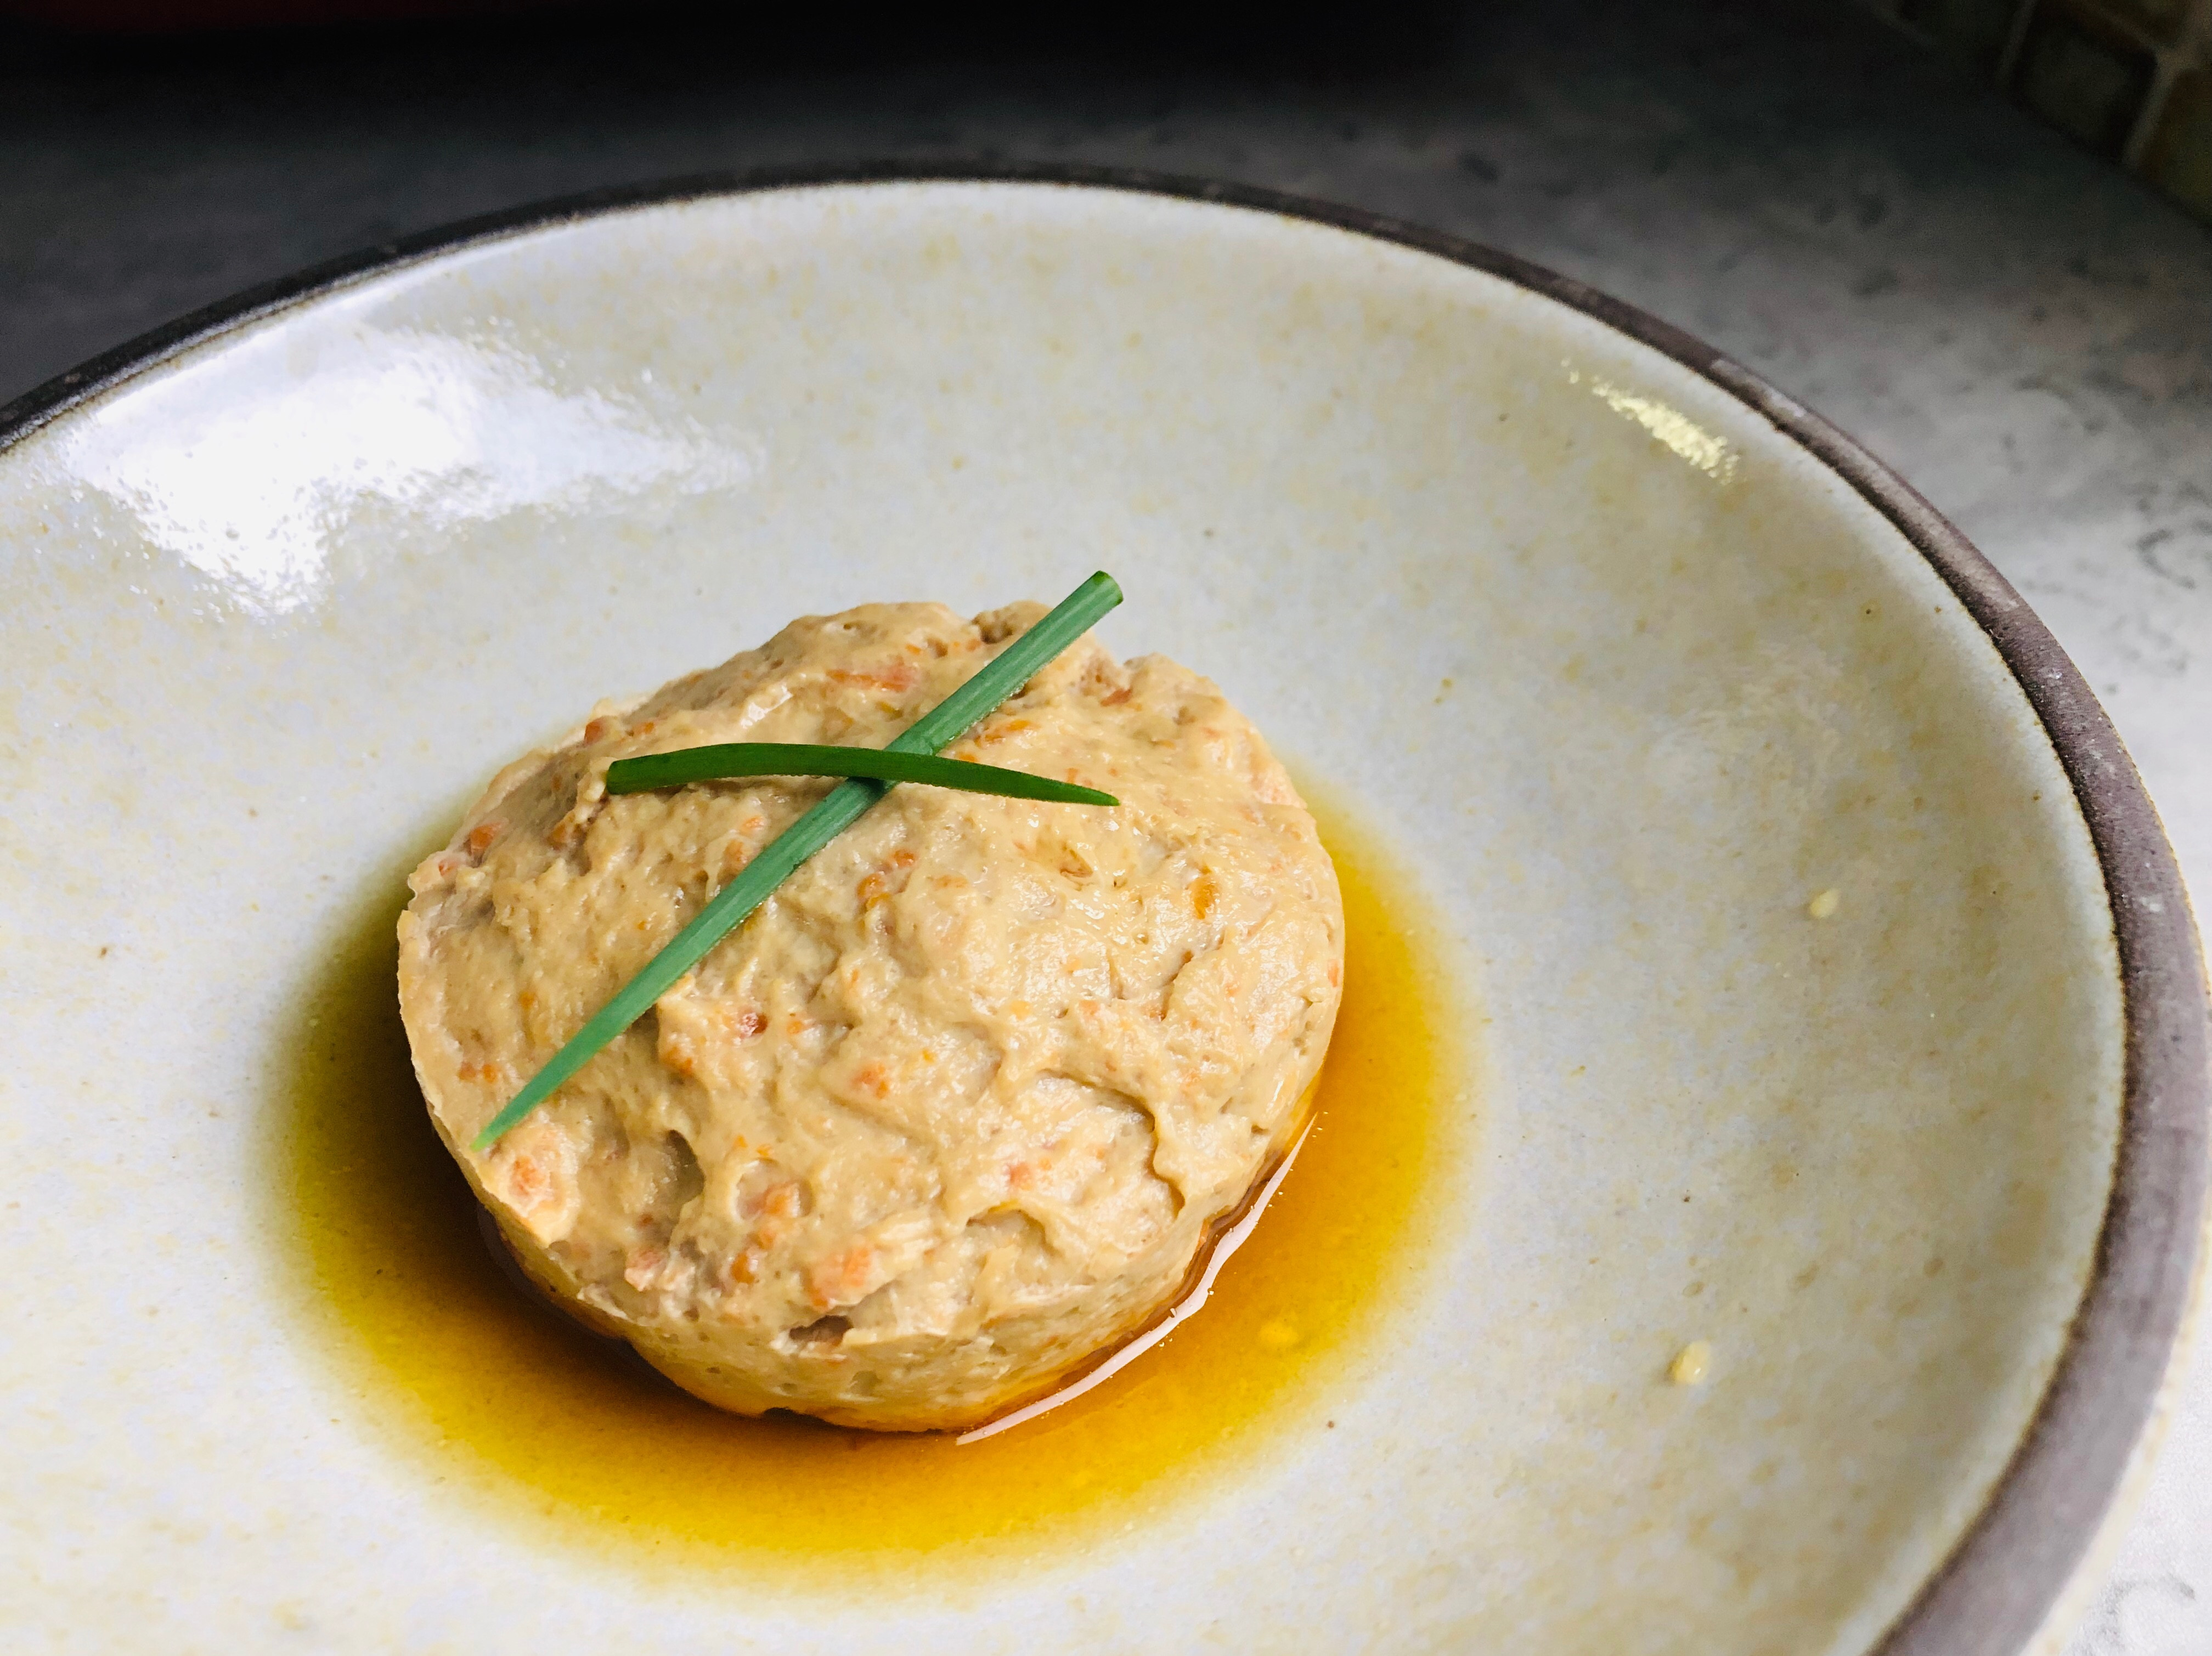 蔭冬瓜紅蘿蔔蒸肉/古早味家常菜便當菜